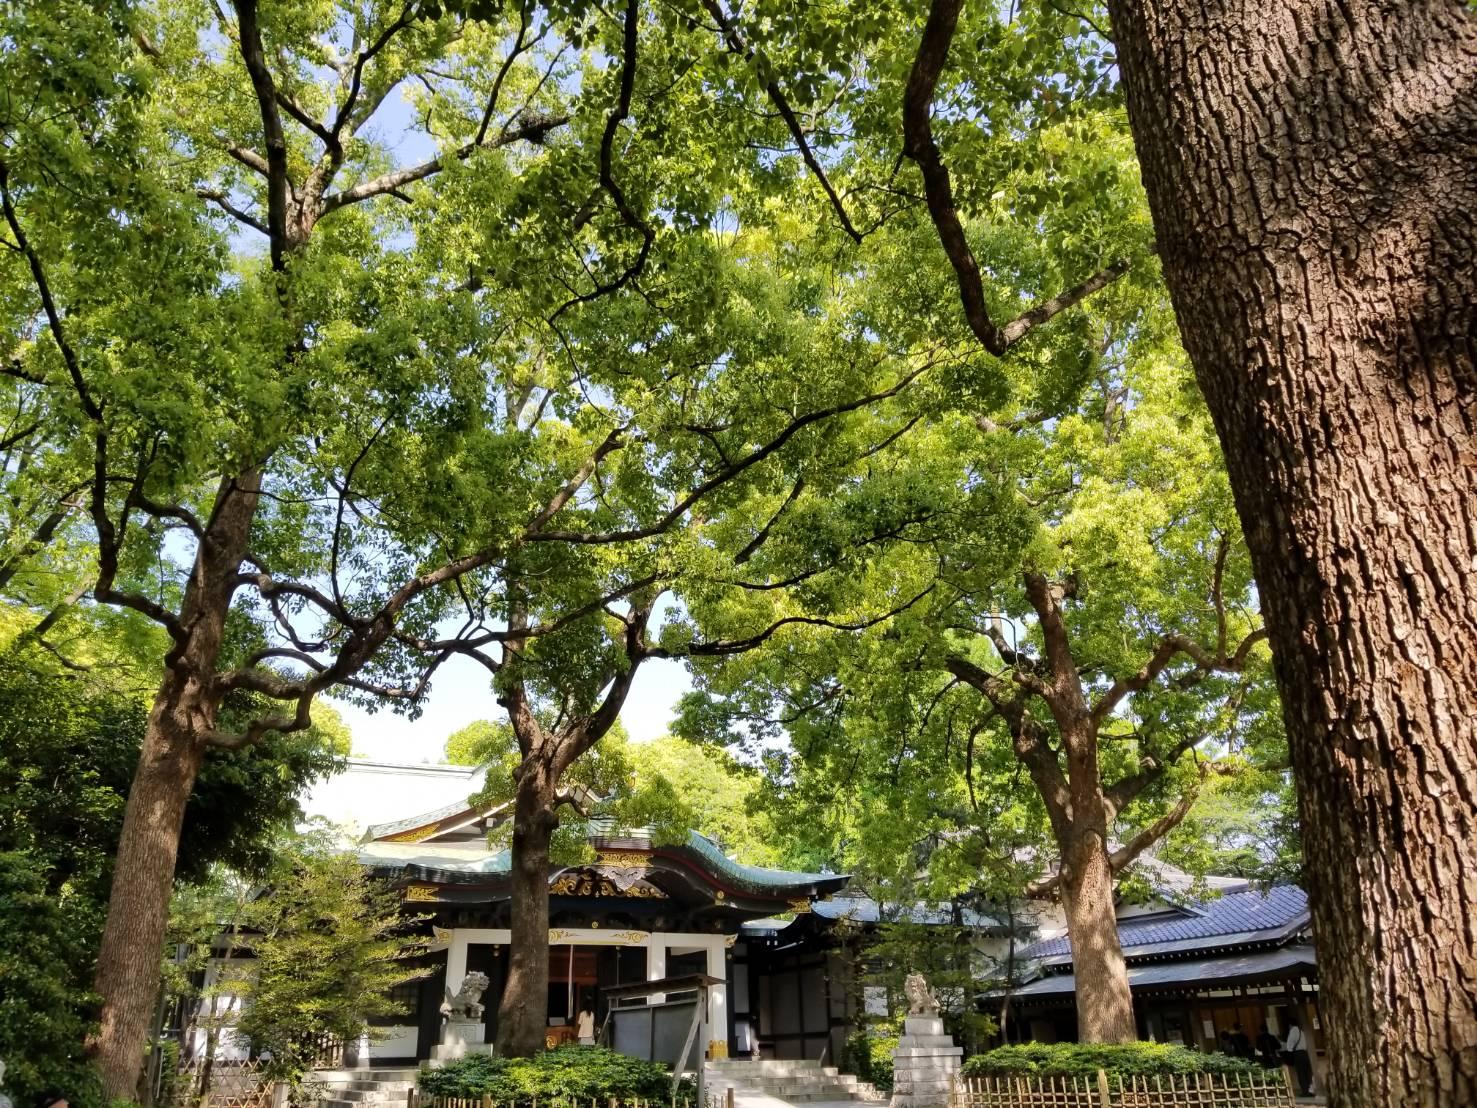 緑に囲まれている王子神社